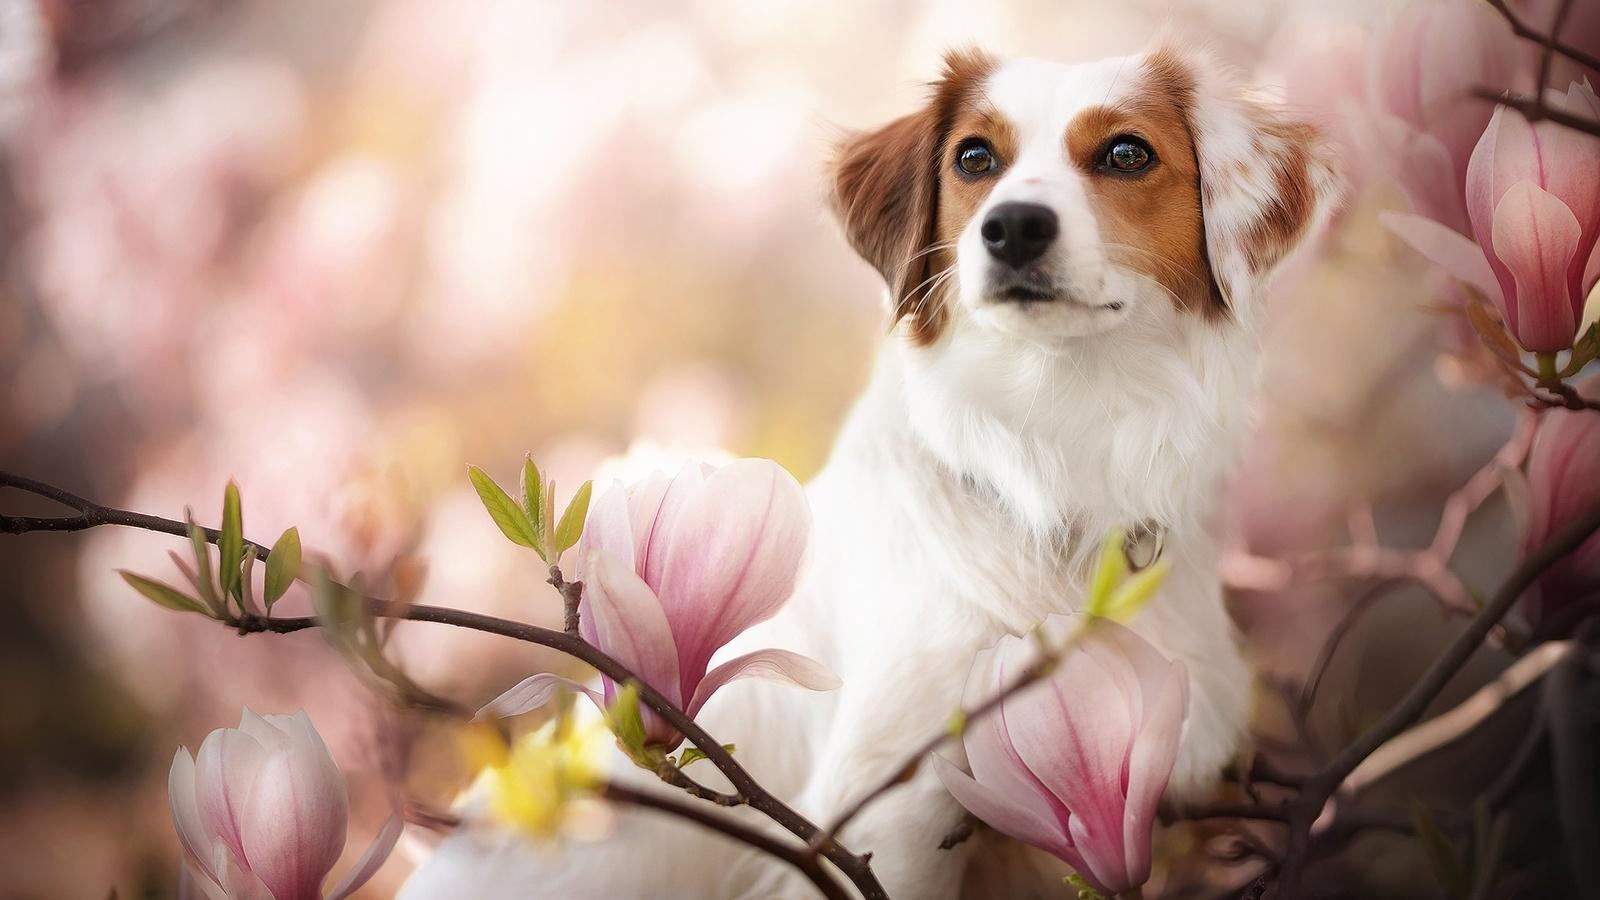 животное, собака, пёс, природа, ветки, цветки, магнолия, боке